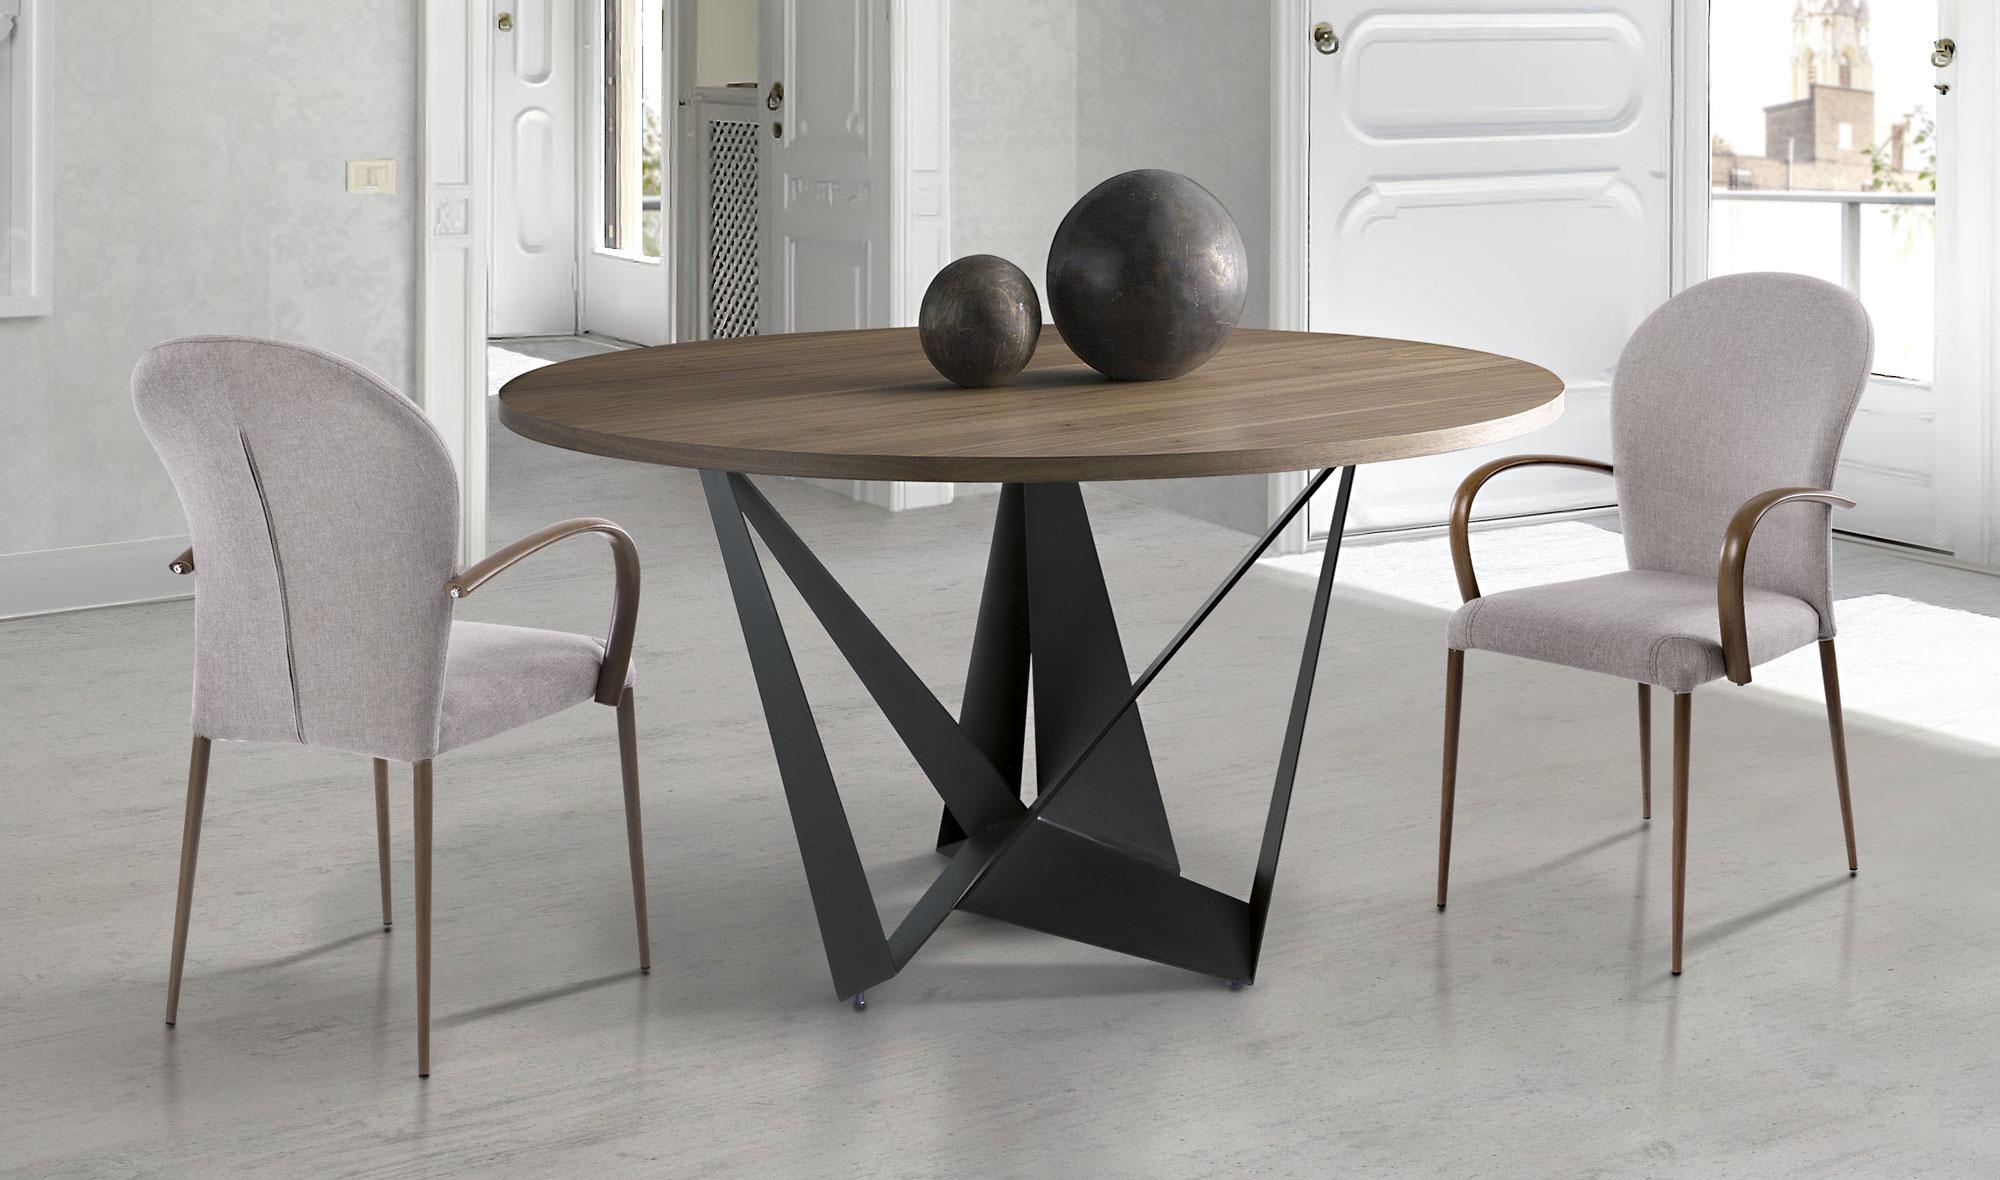 Mesa de comedor redonda moderna sambre no disponible en - Mesas redondas modernas ...